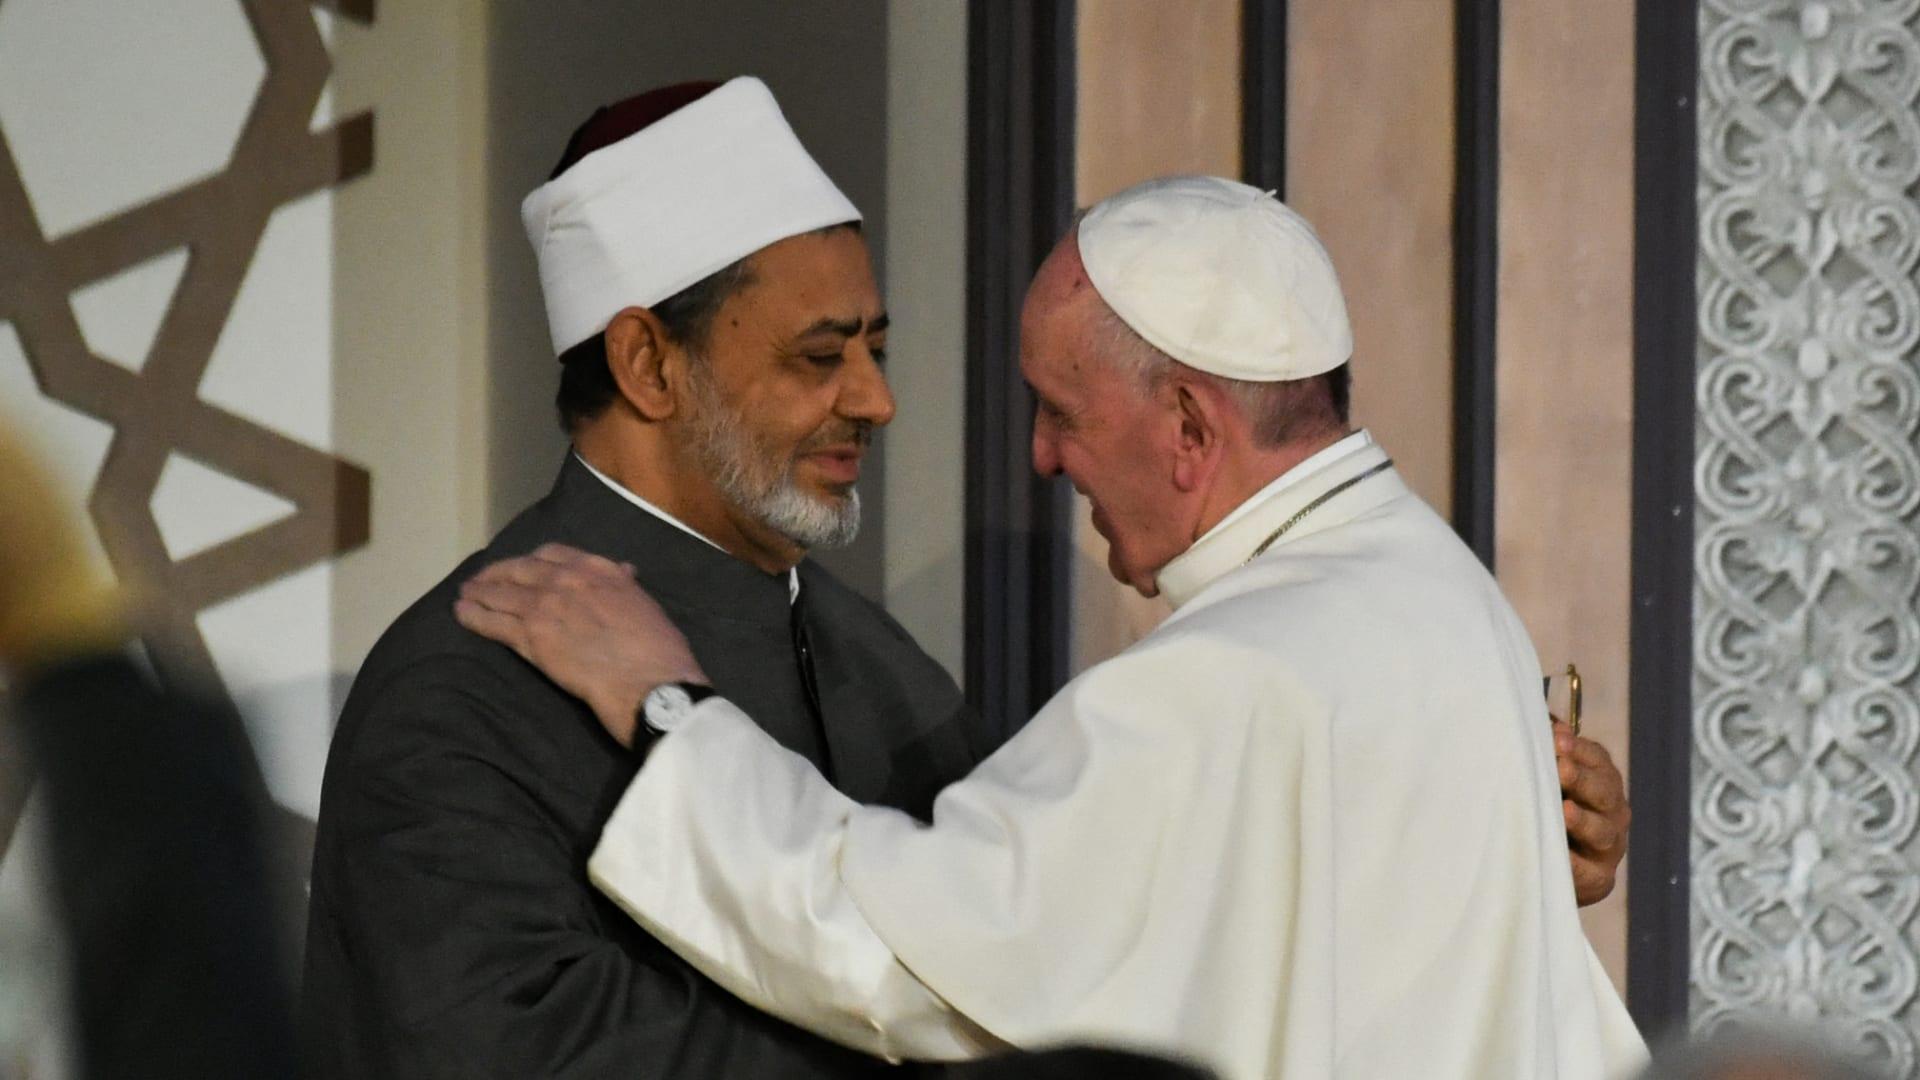 شيخ الأزهر بأول حوار مع إذاعة الفاتيكان: رسالة البابا فرنسيس مهمة للمسلمين ولغيرهم